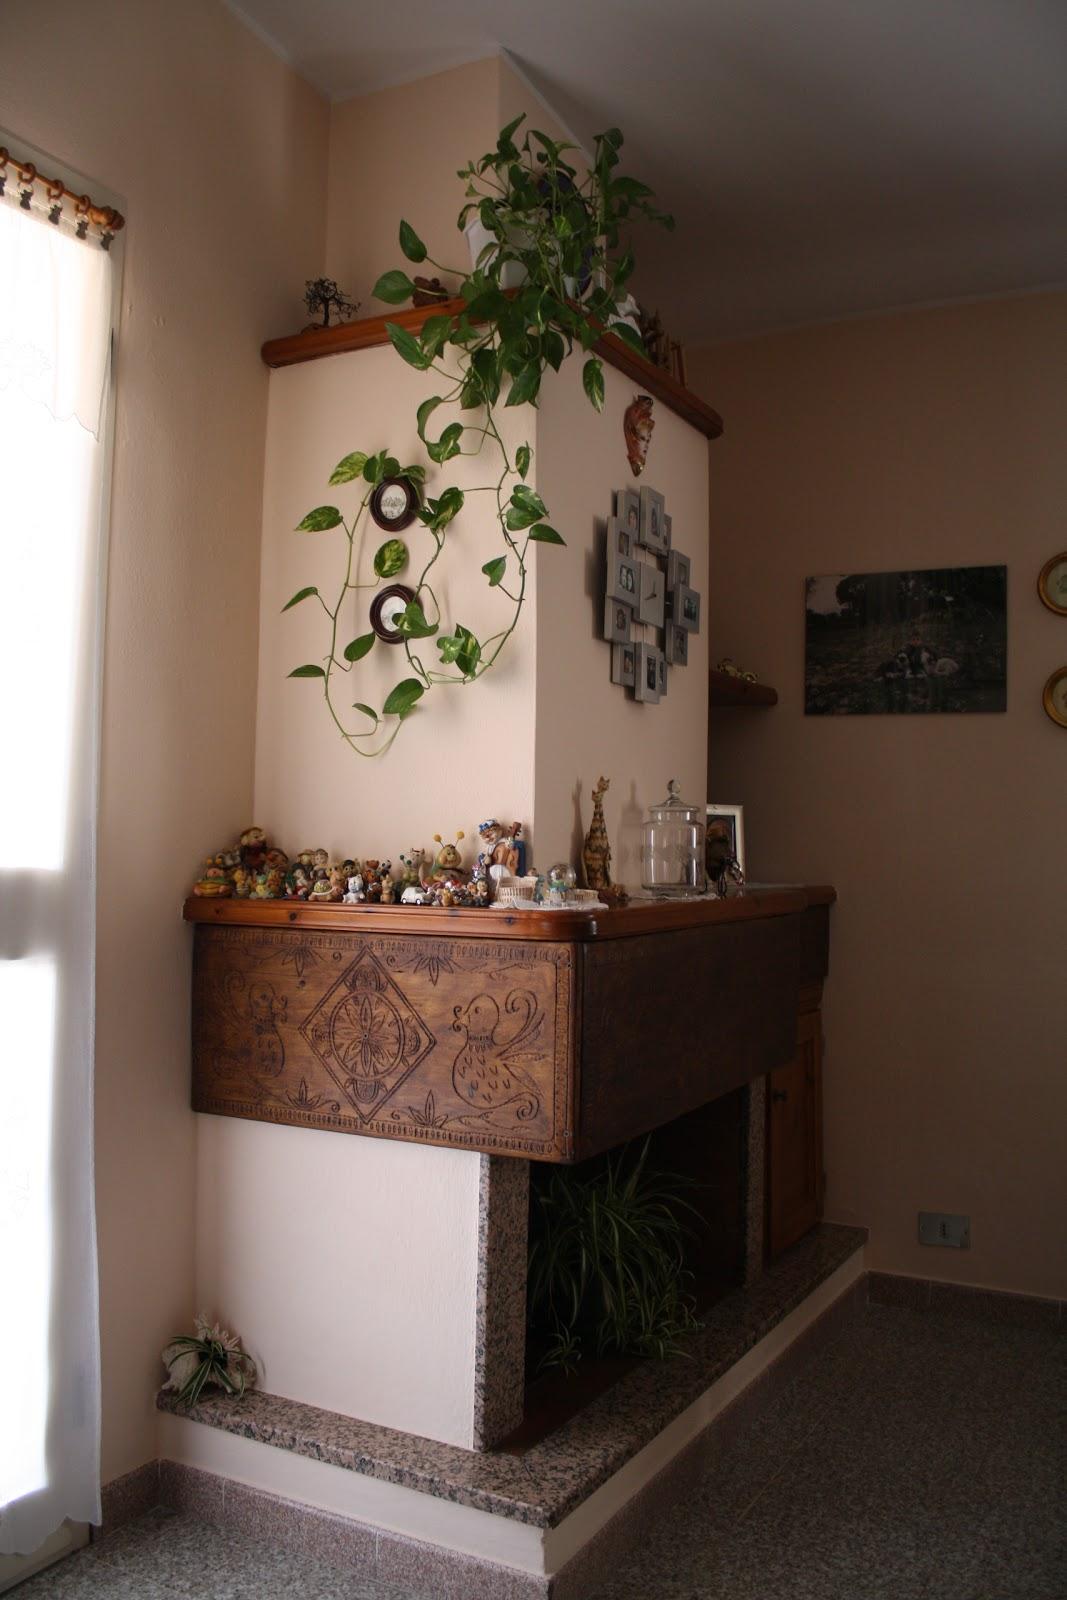 Oggetti in legno fatti a mano paristazzos piattaie in for Piccoli oggetti in legno fatti a mano